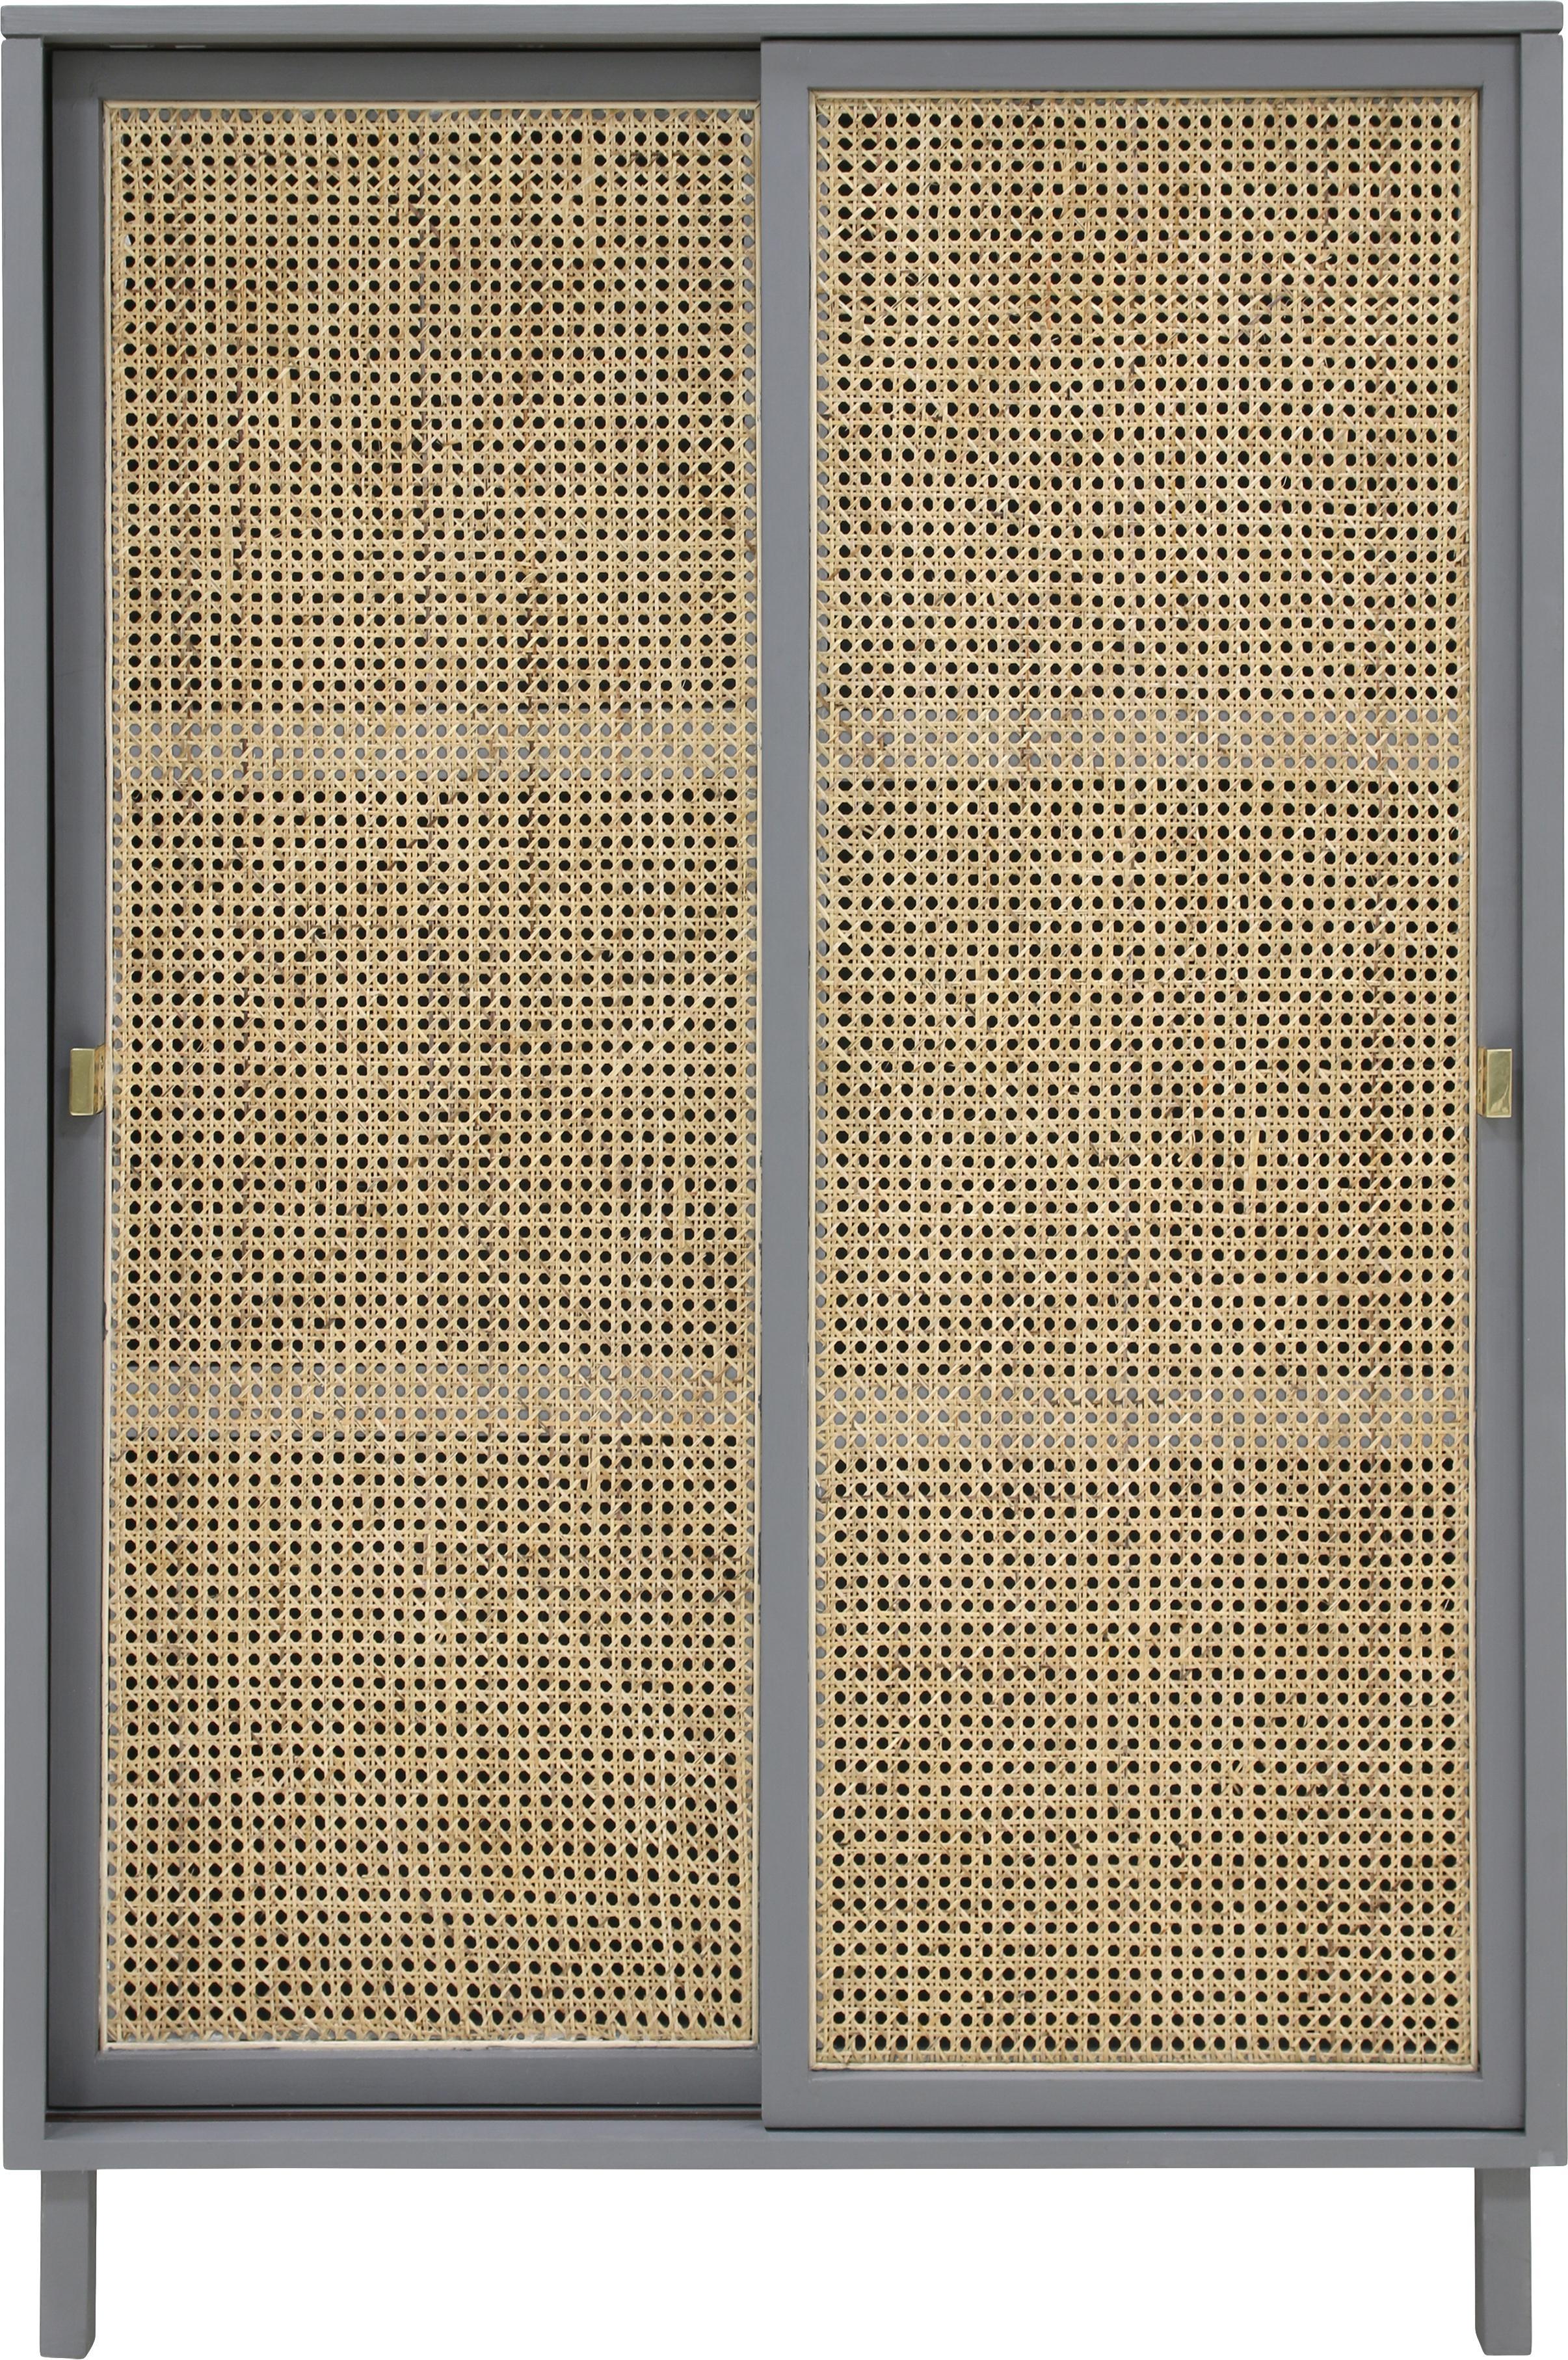 Credenza alta con intreccio viennese Retro, Intreccio viennese: canna di zucchero, Grigio, beige, Larg. 95 x Alt. 140 cm